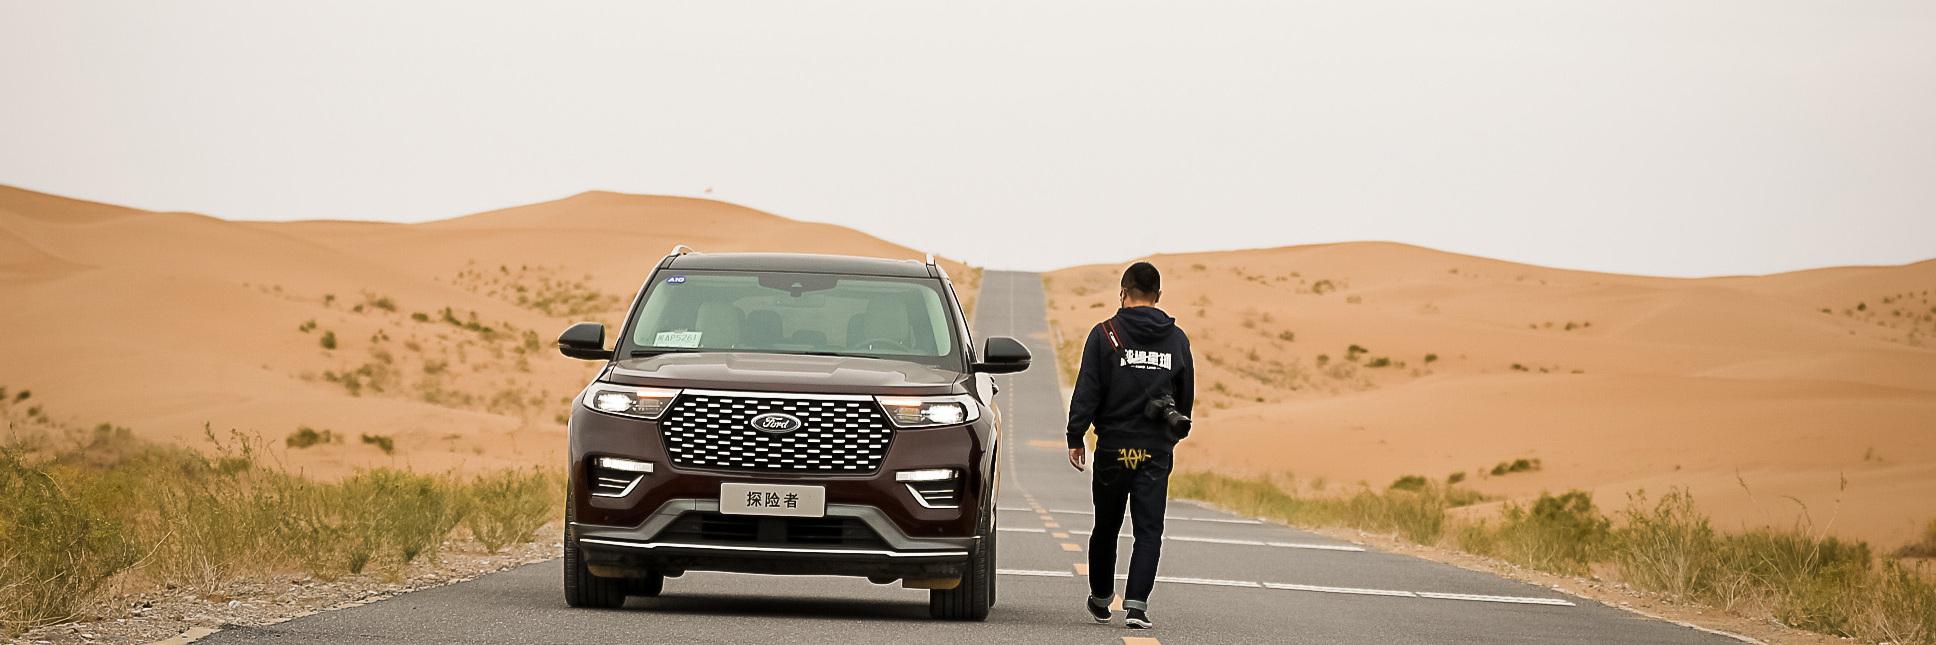 共赴大漠,与福特探险者一起寻找秘境中的自我